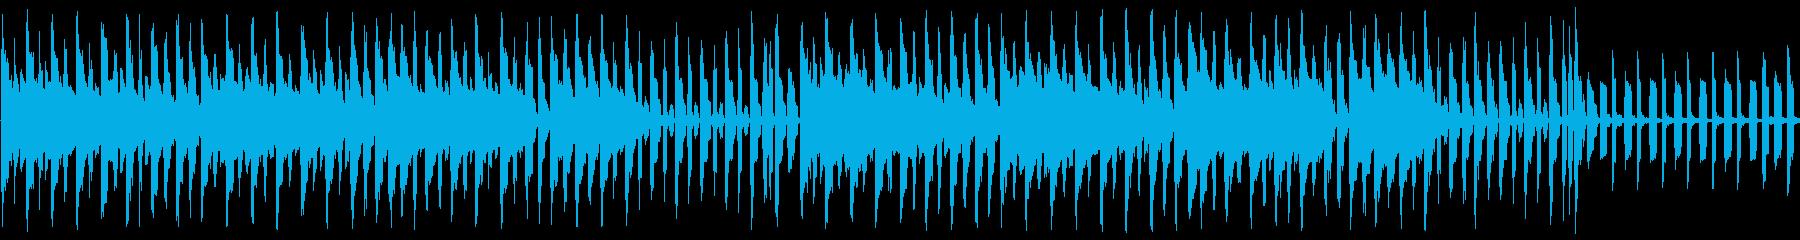 明るいショップ画面のチップチューンの再生済みの波形